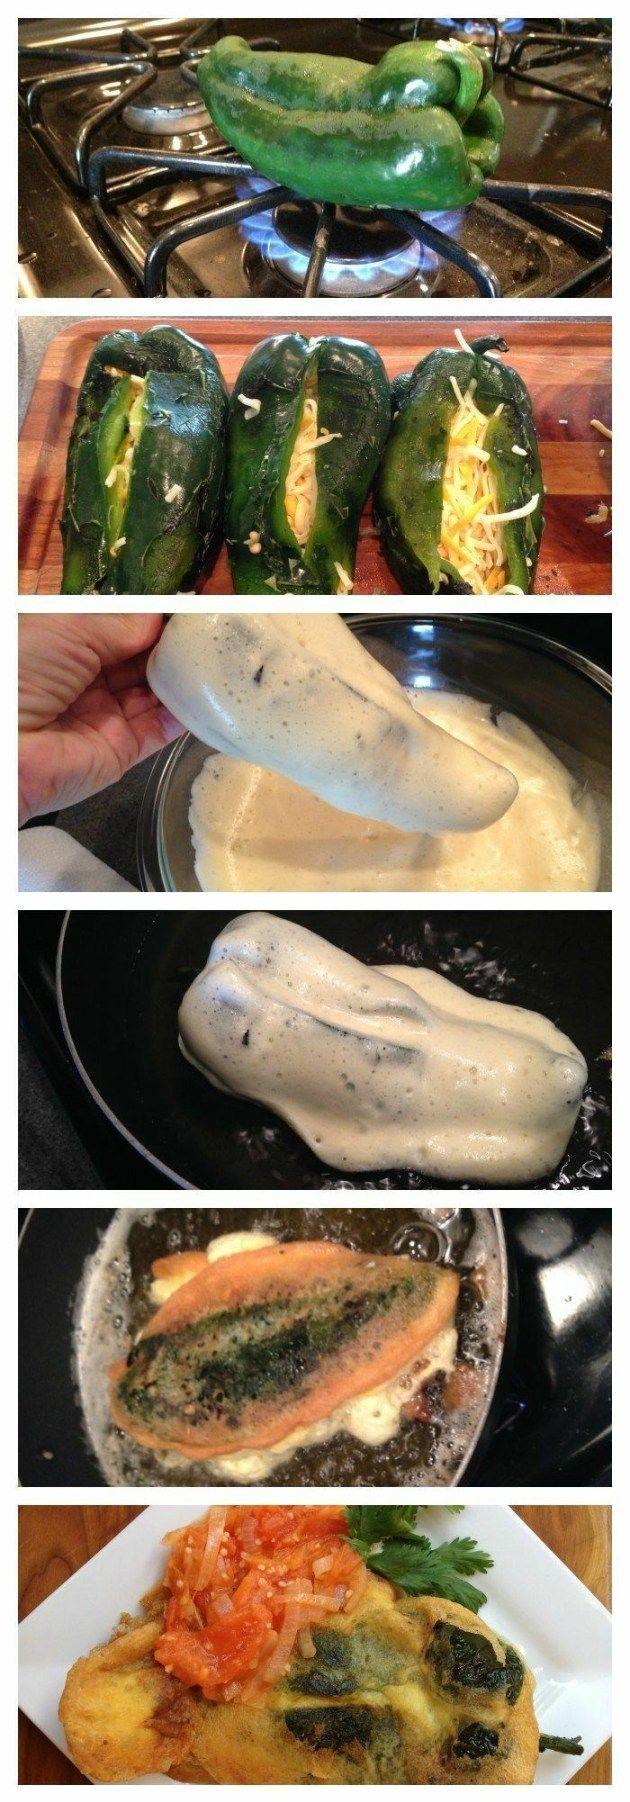 Authentic Chiles Rellenos Recipe